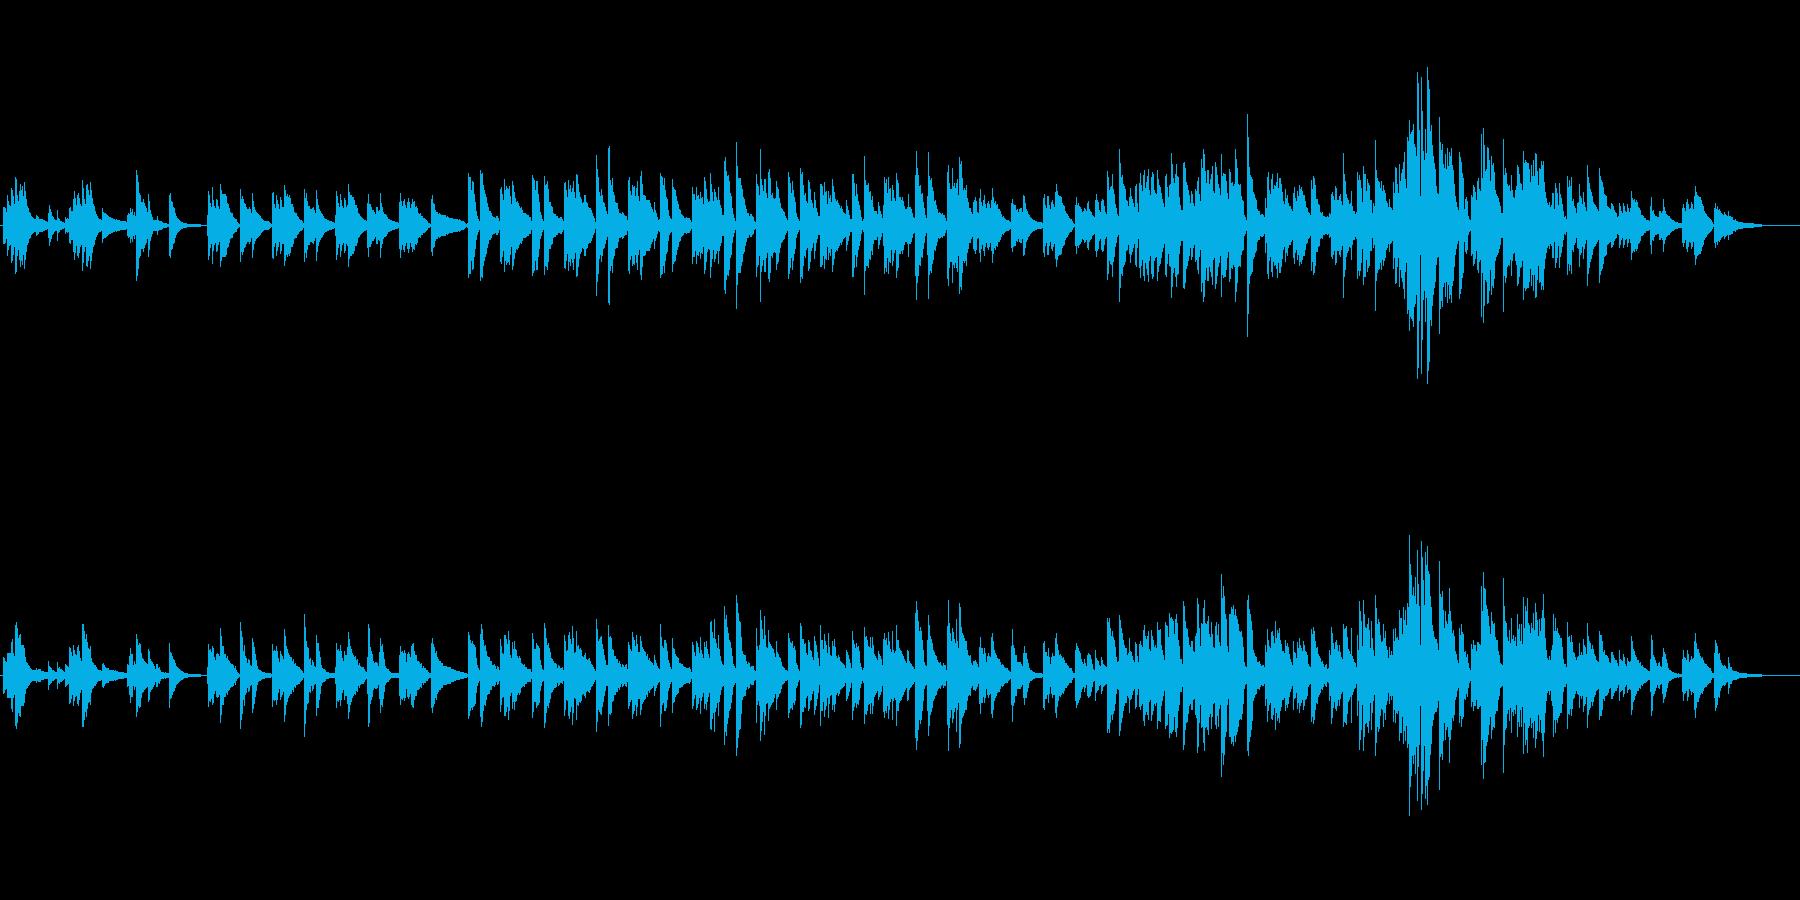 寂しげな深い内面をイメージするピアノ曲の再生済みの波形